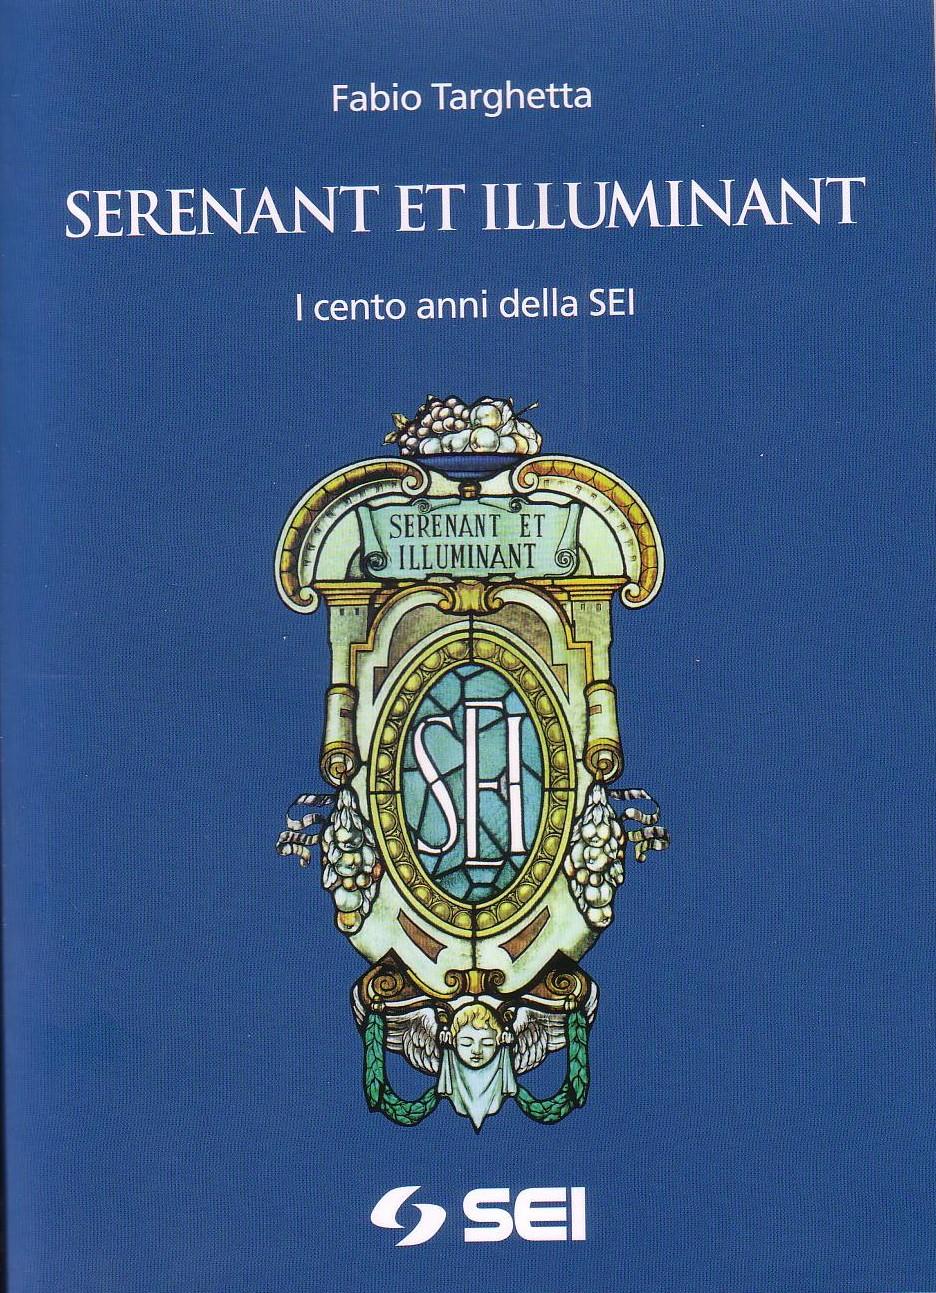 Serenant et illuminant. I cento anni della SEI